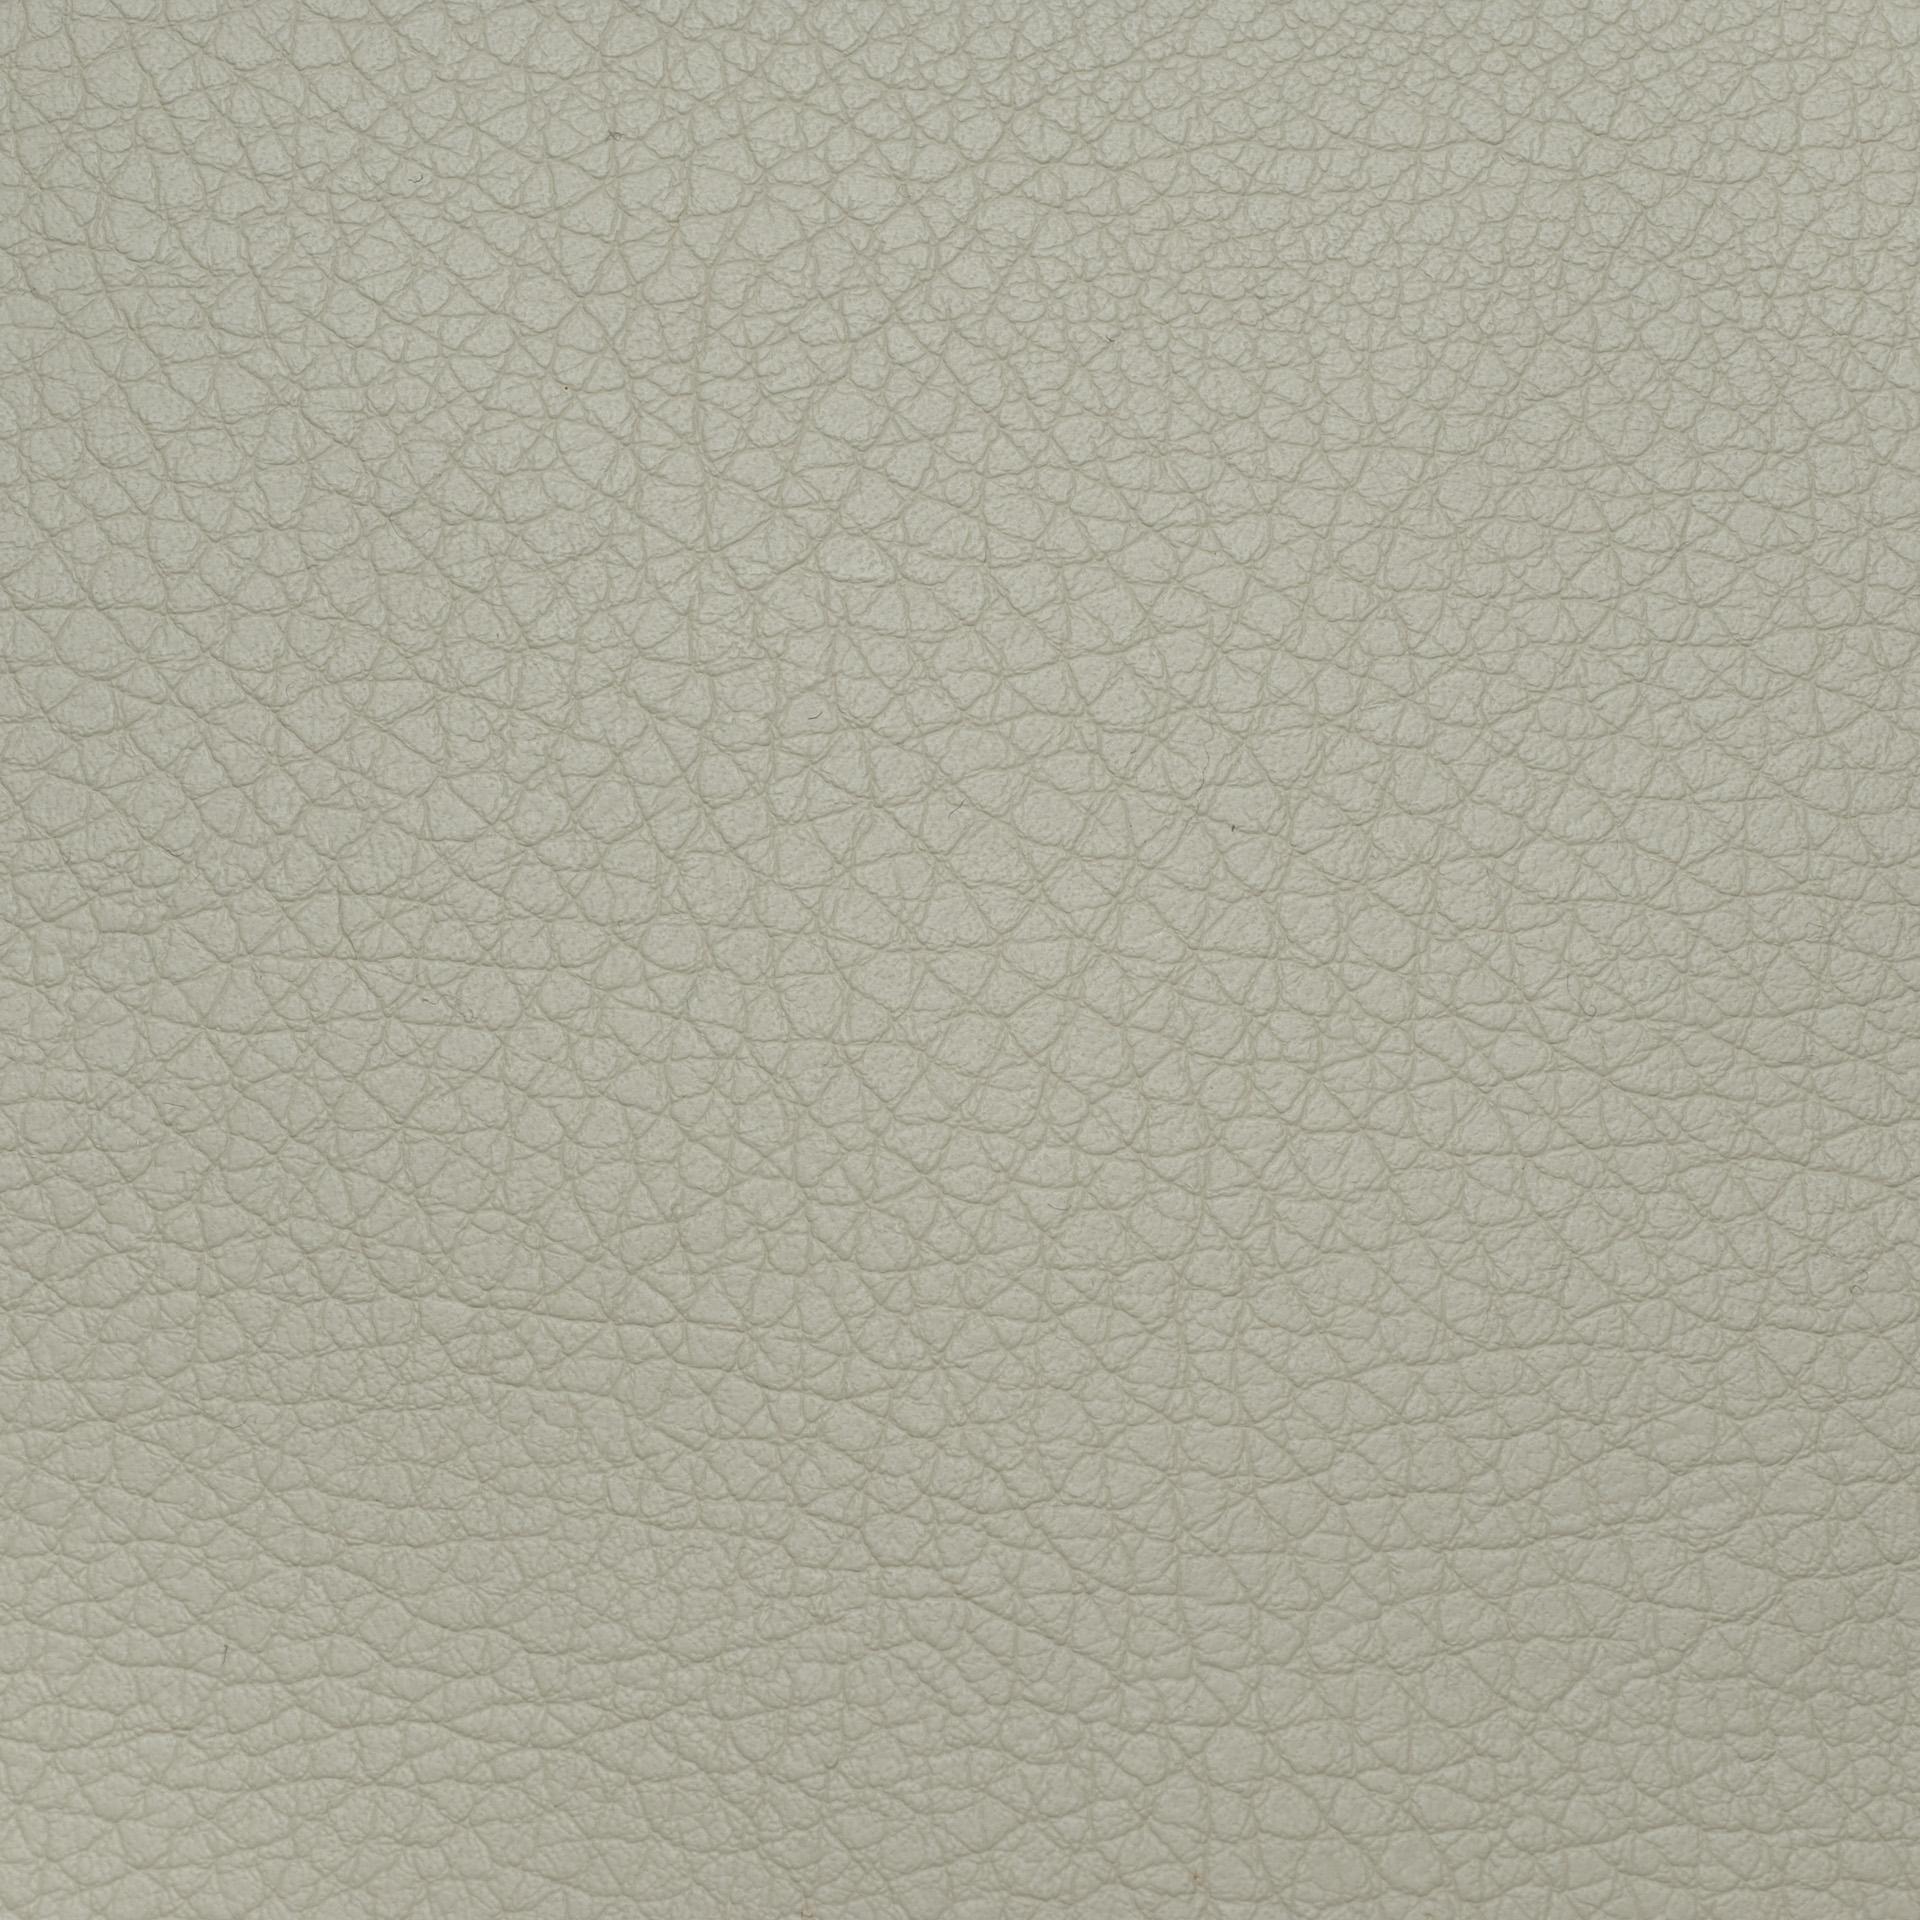 Коллекция ткани Софитель 03 Smoky Clouds,  купить ткань Кож зам для мебели Украина